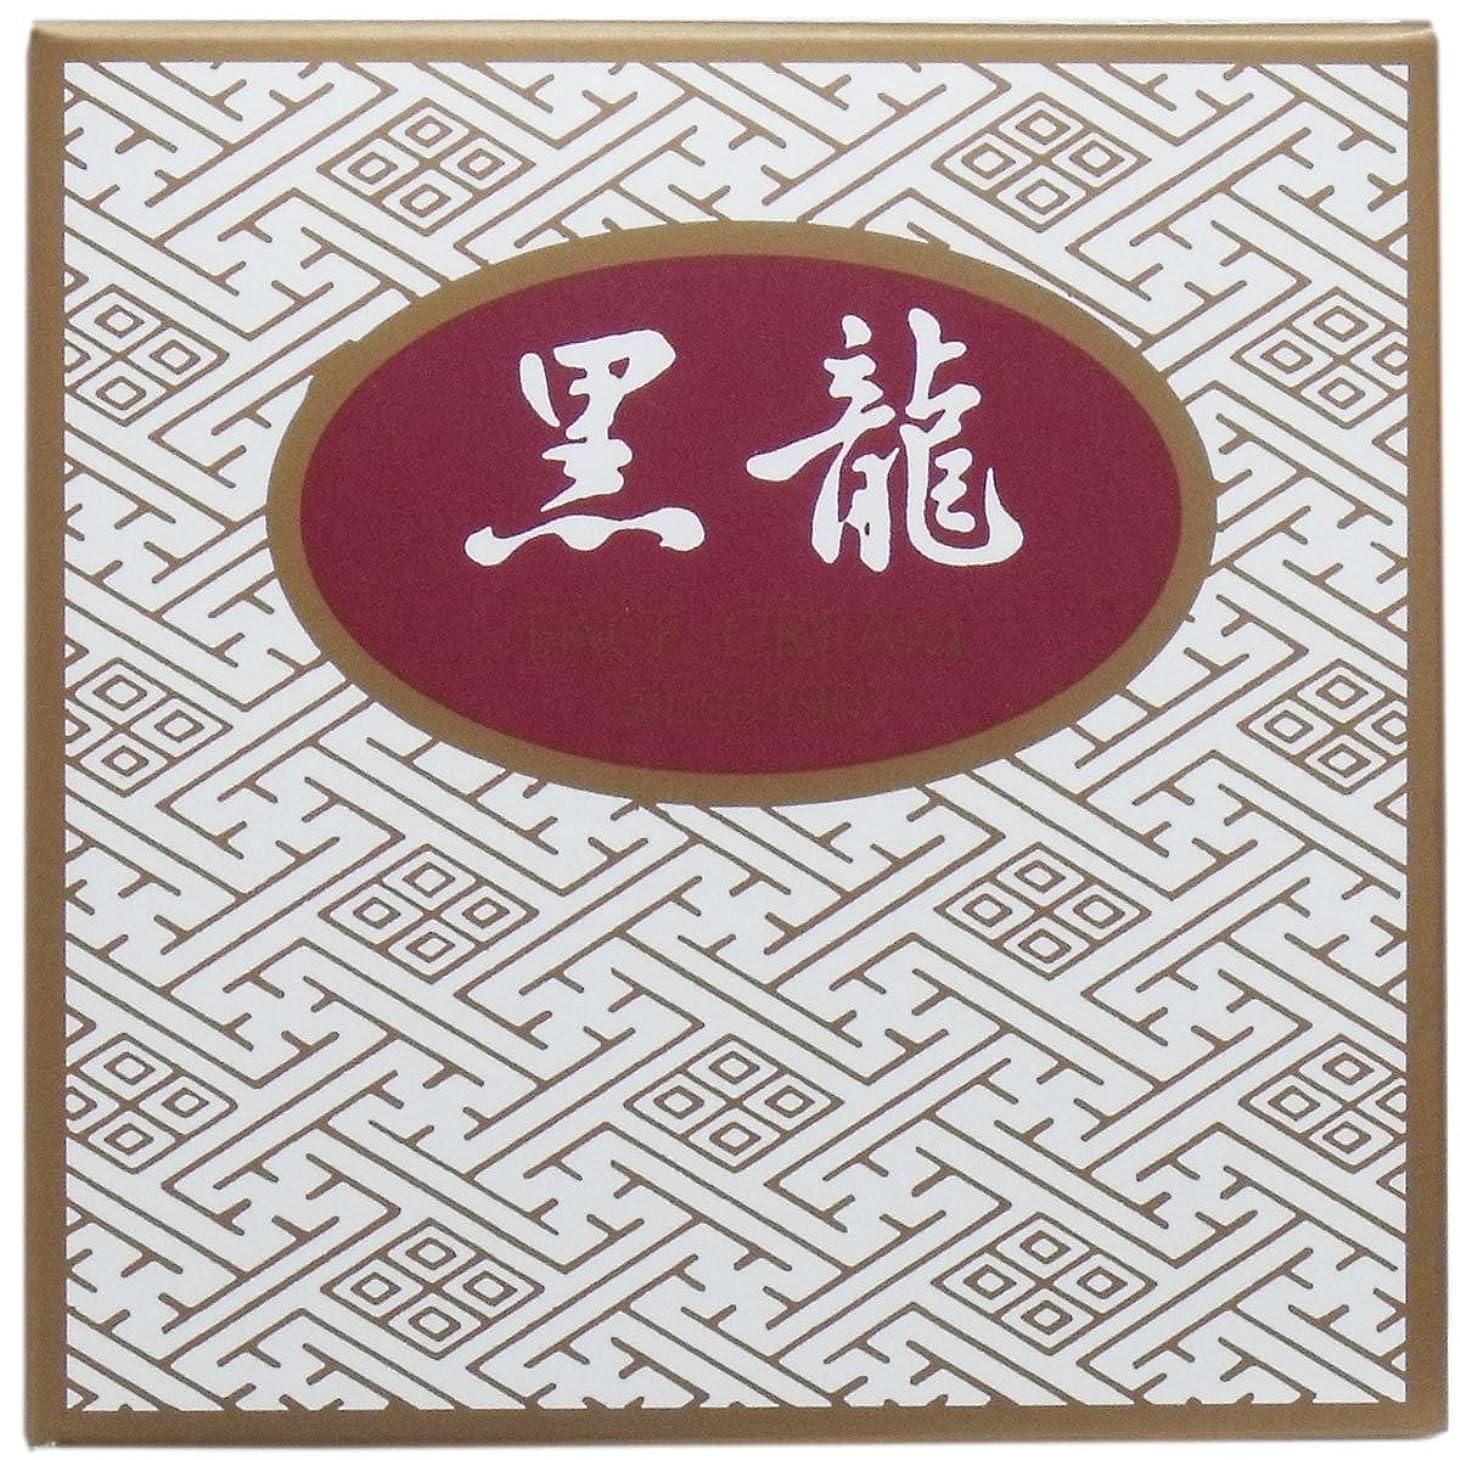 お祝い石ソケット薬効クリーム 黒龍 金線 70g×3個セット